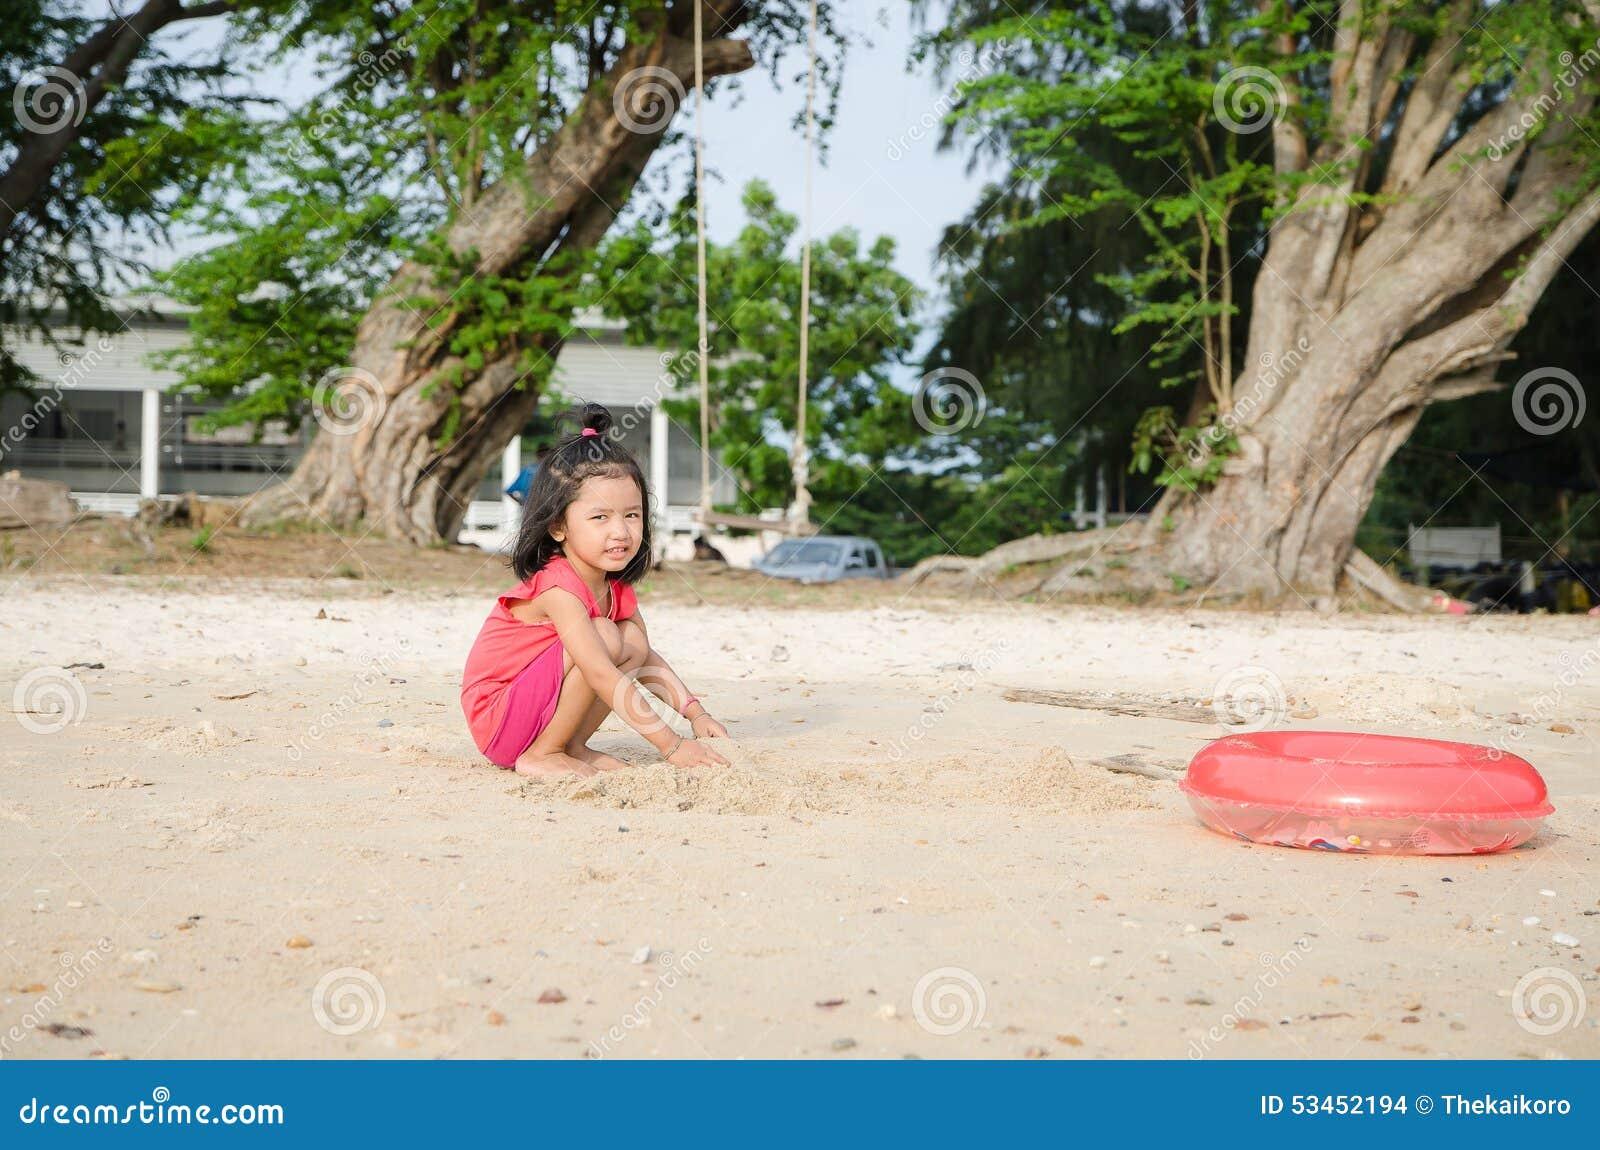 Тайская девушка пляж — photo 10